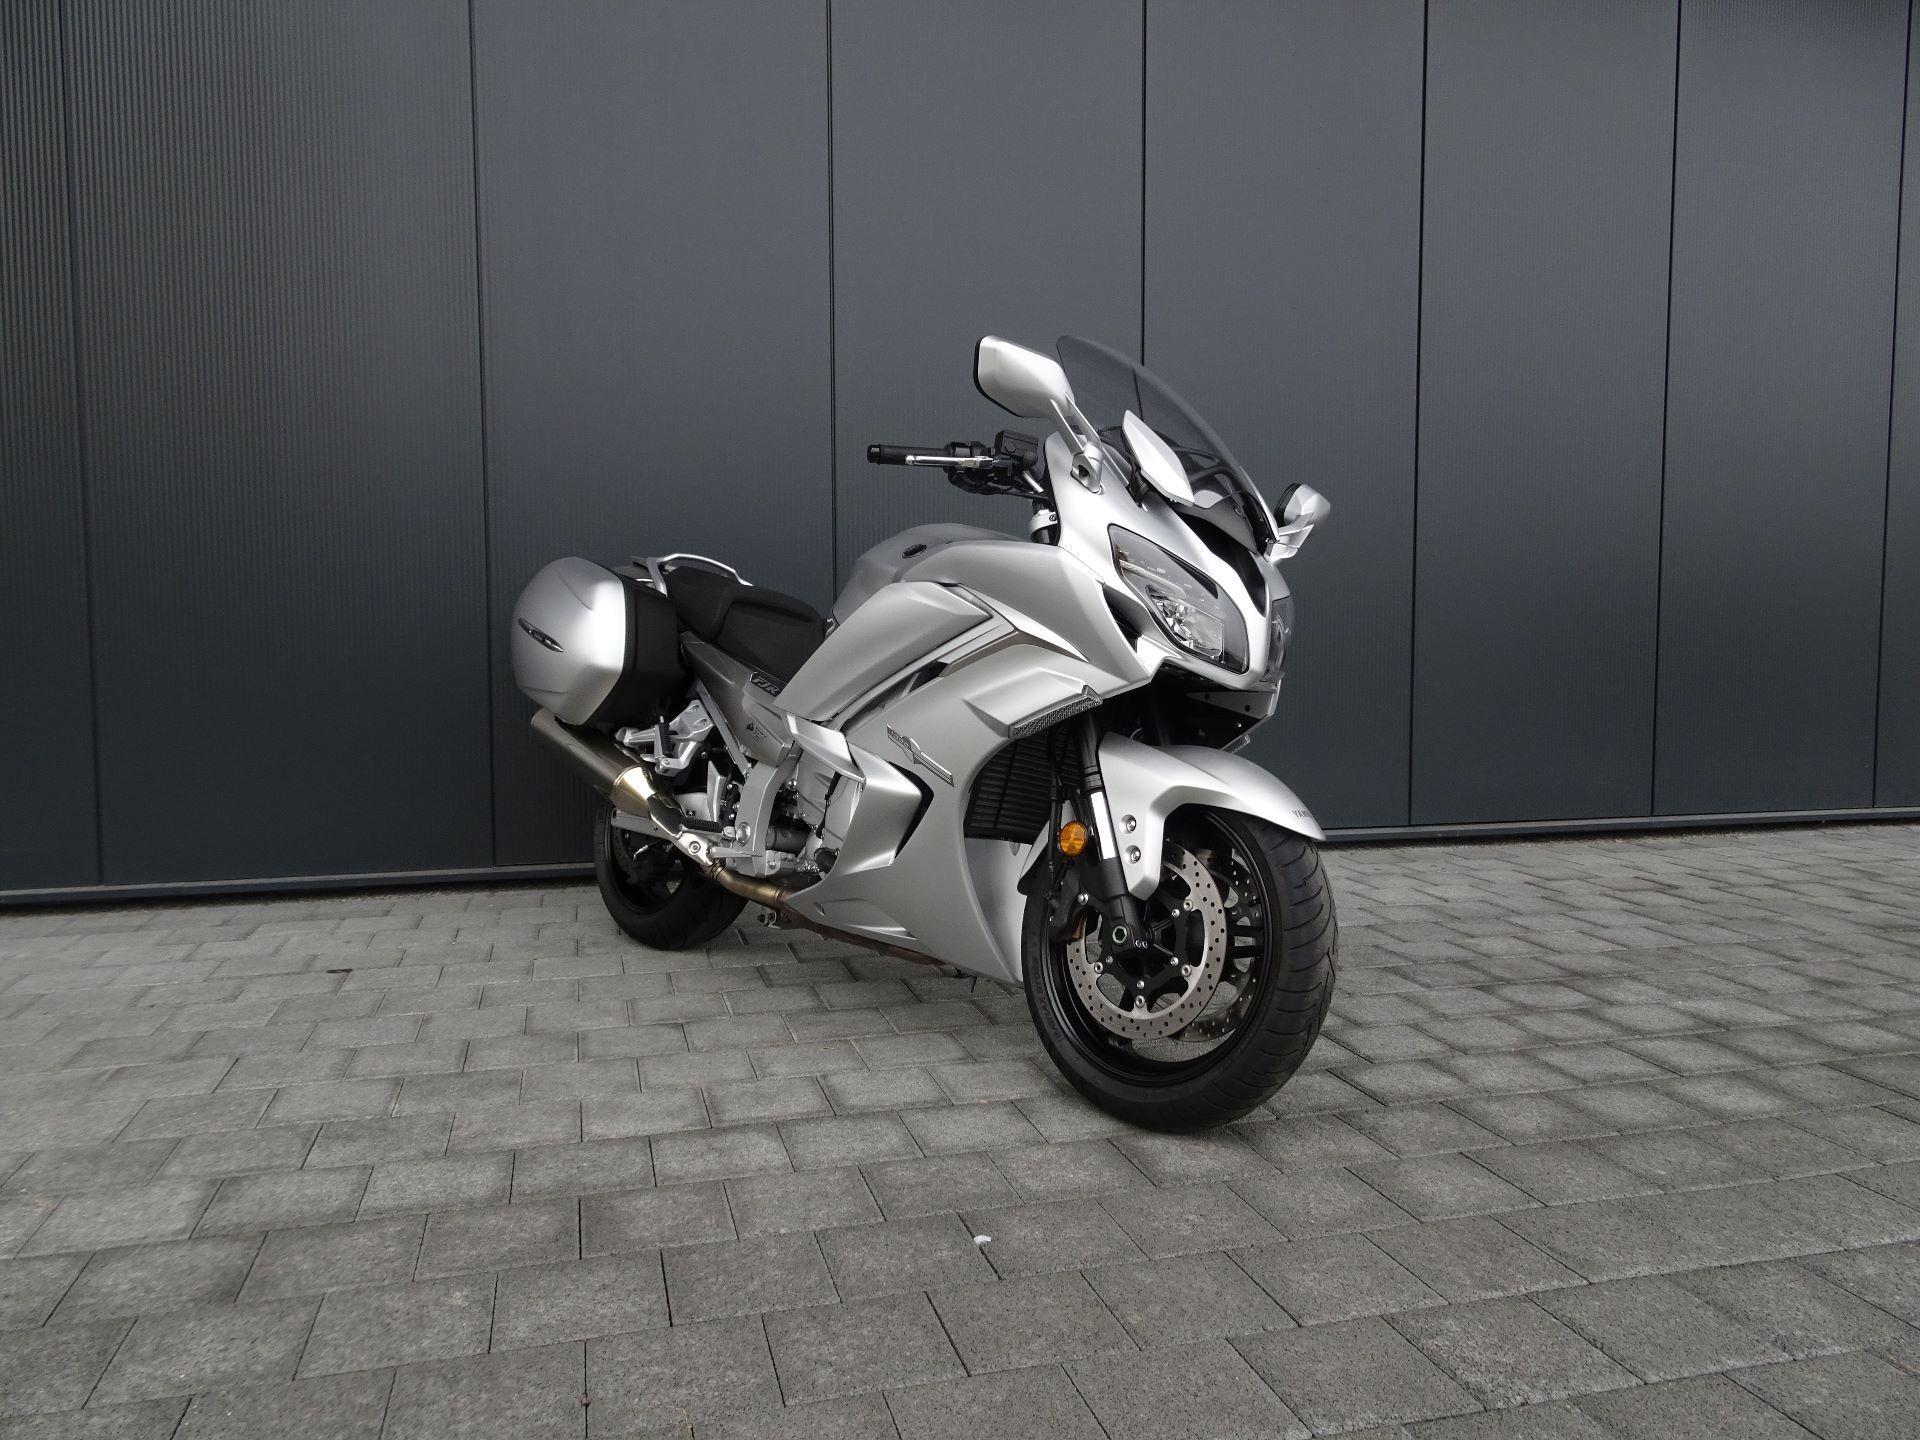 motorrad occasion kaufen yamaha fjr 1300 ae abs keller motos ag siggenthal station. Black Bedroom Furniture Sets. Home Design Ideas